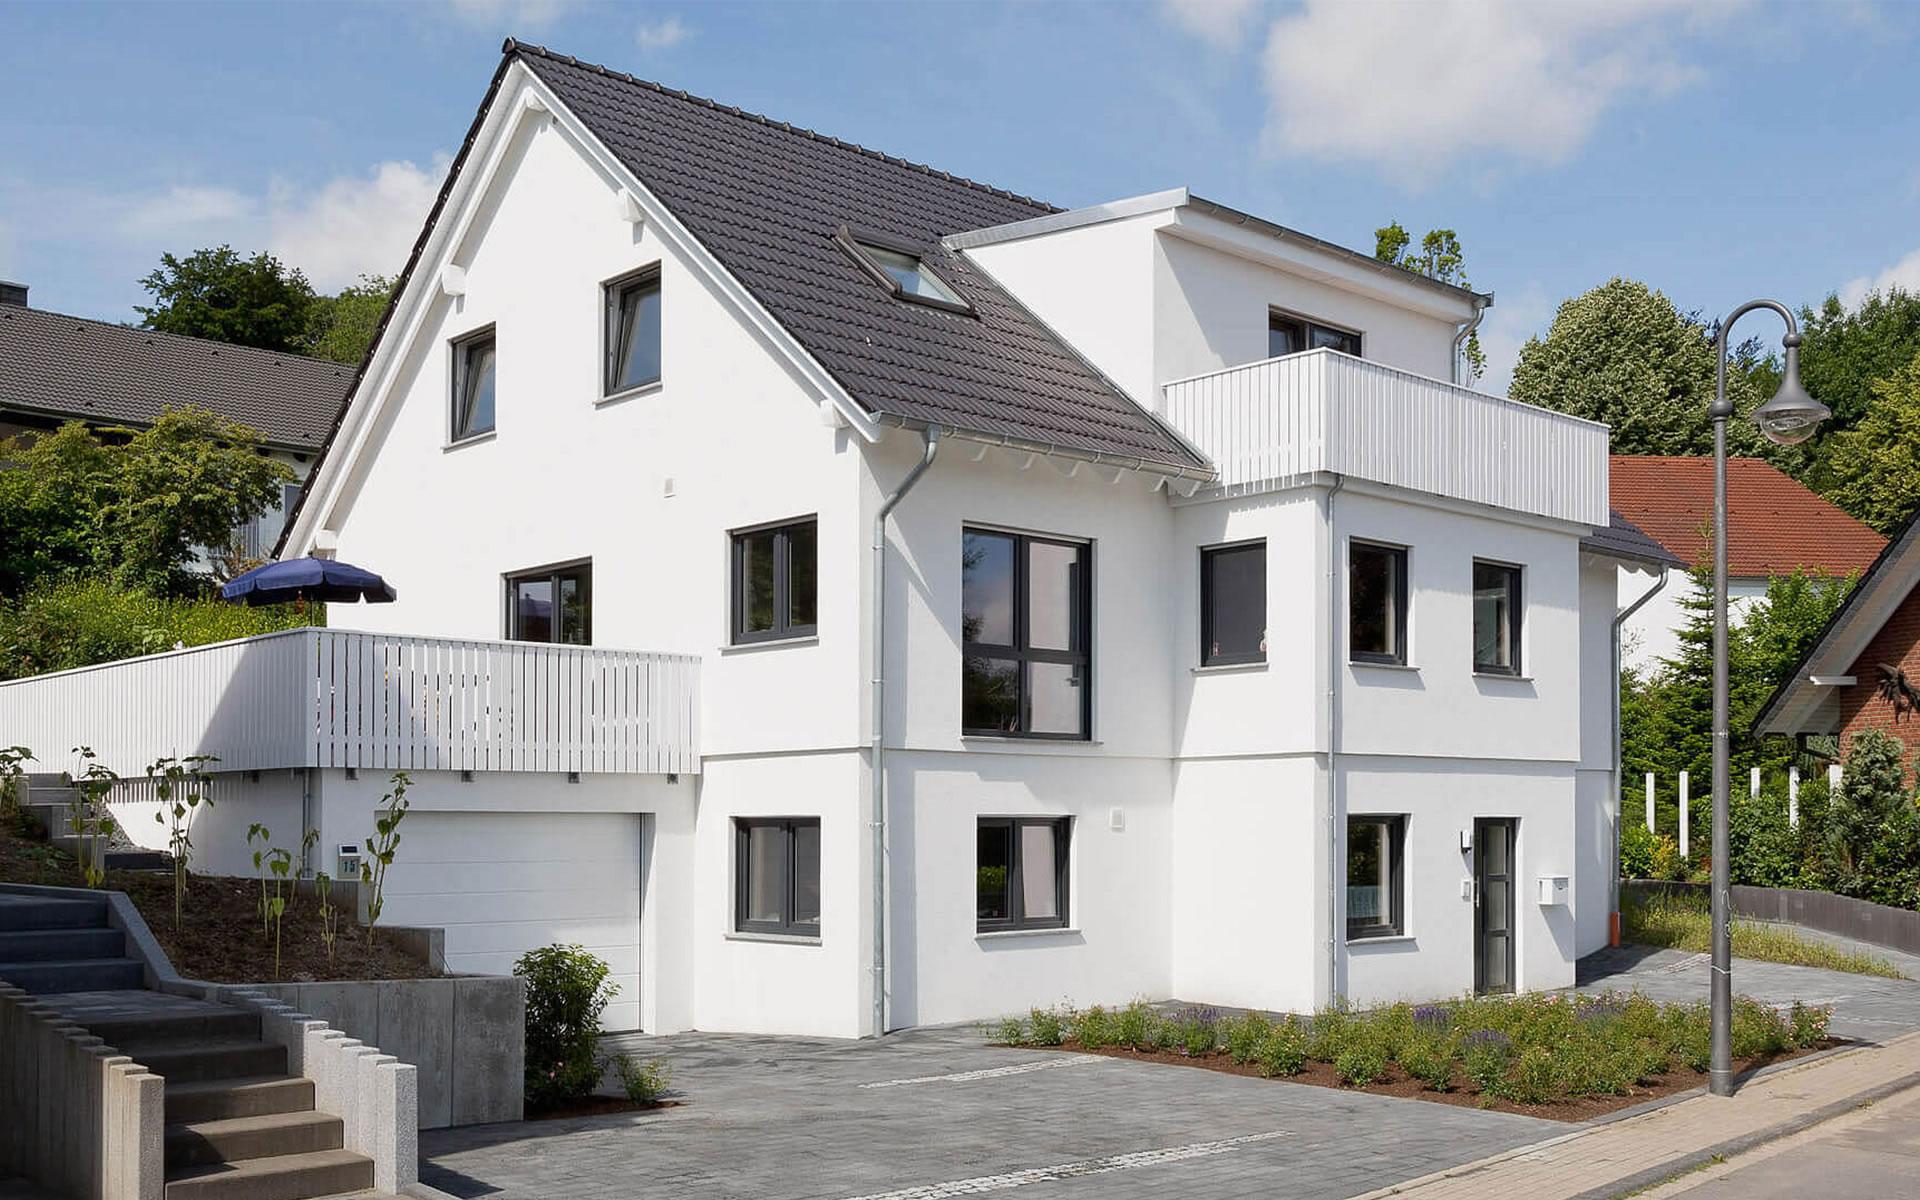 Bonvenon von Fingerhut Haus GmbH & Co. KG